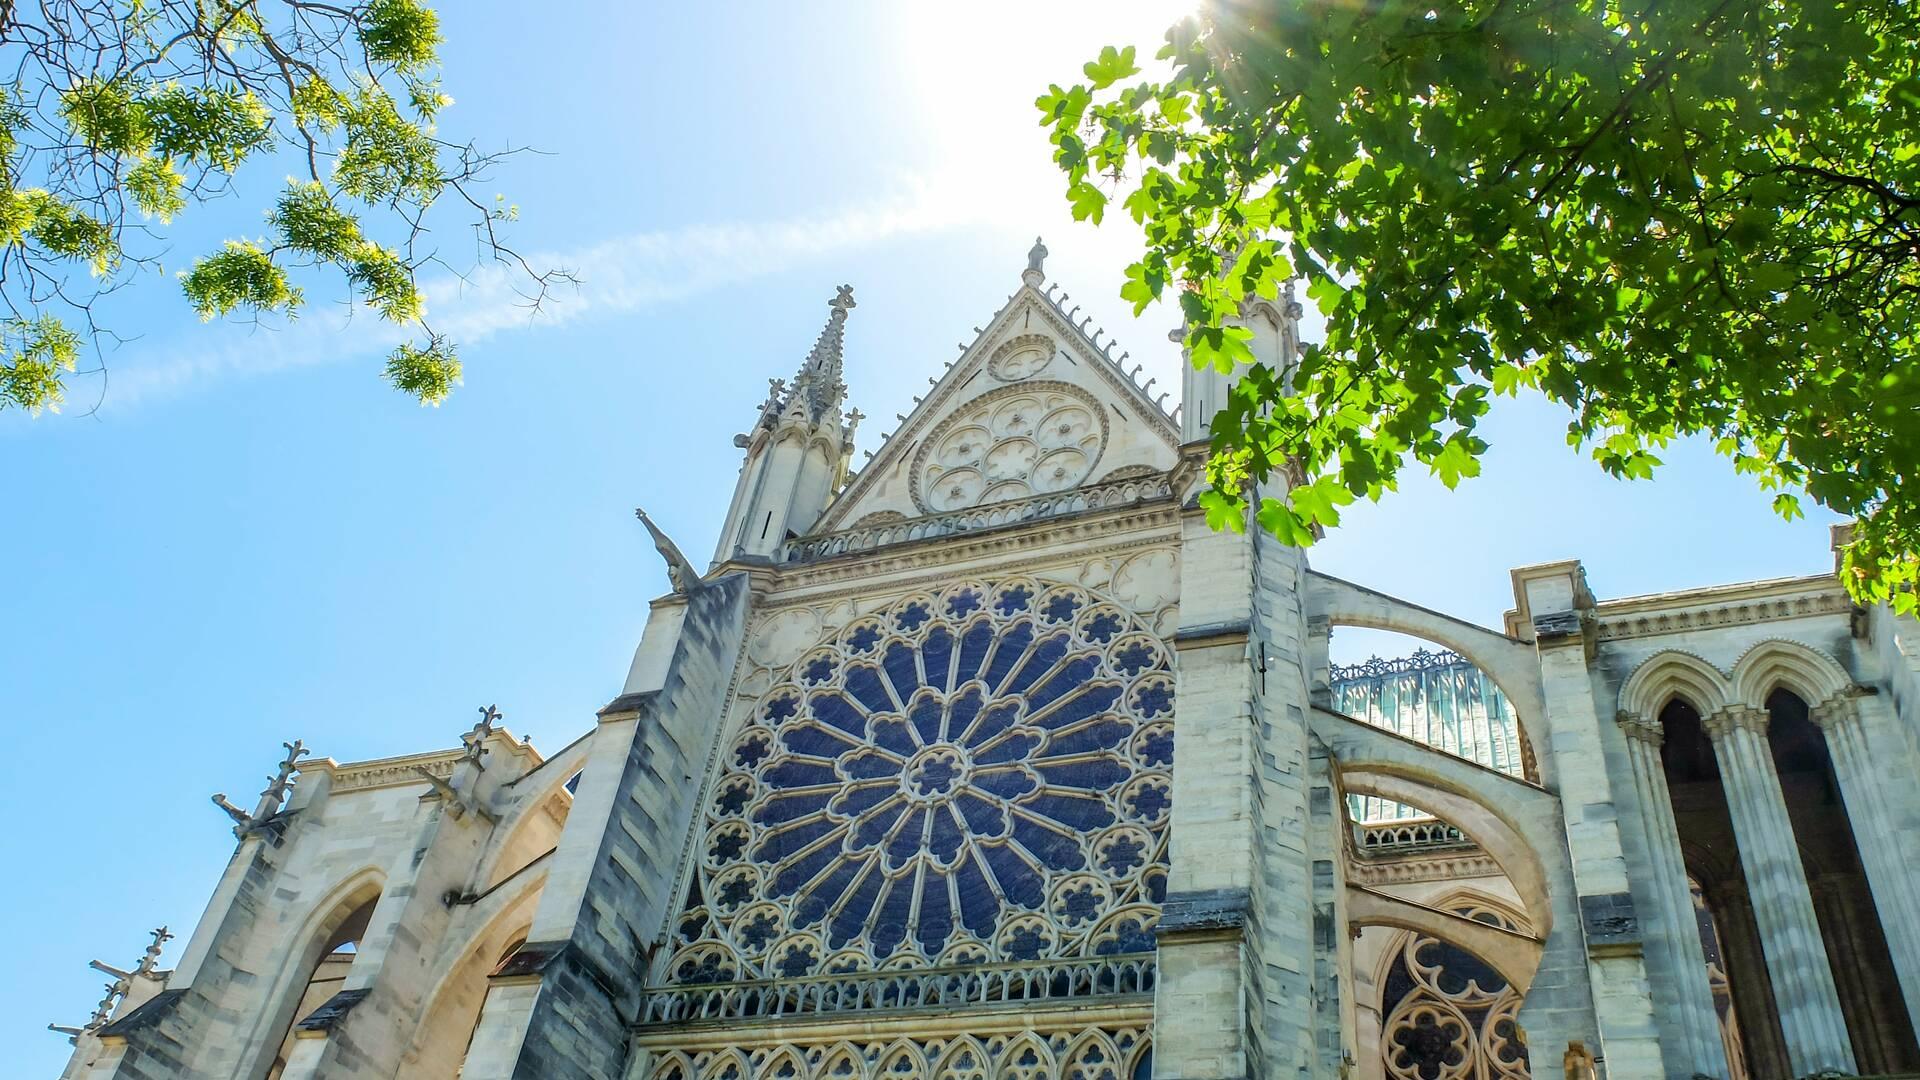 tourisme plaine commune grand paris nord - basilique saint denis - mary quincy